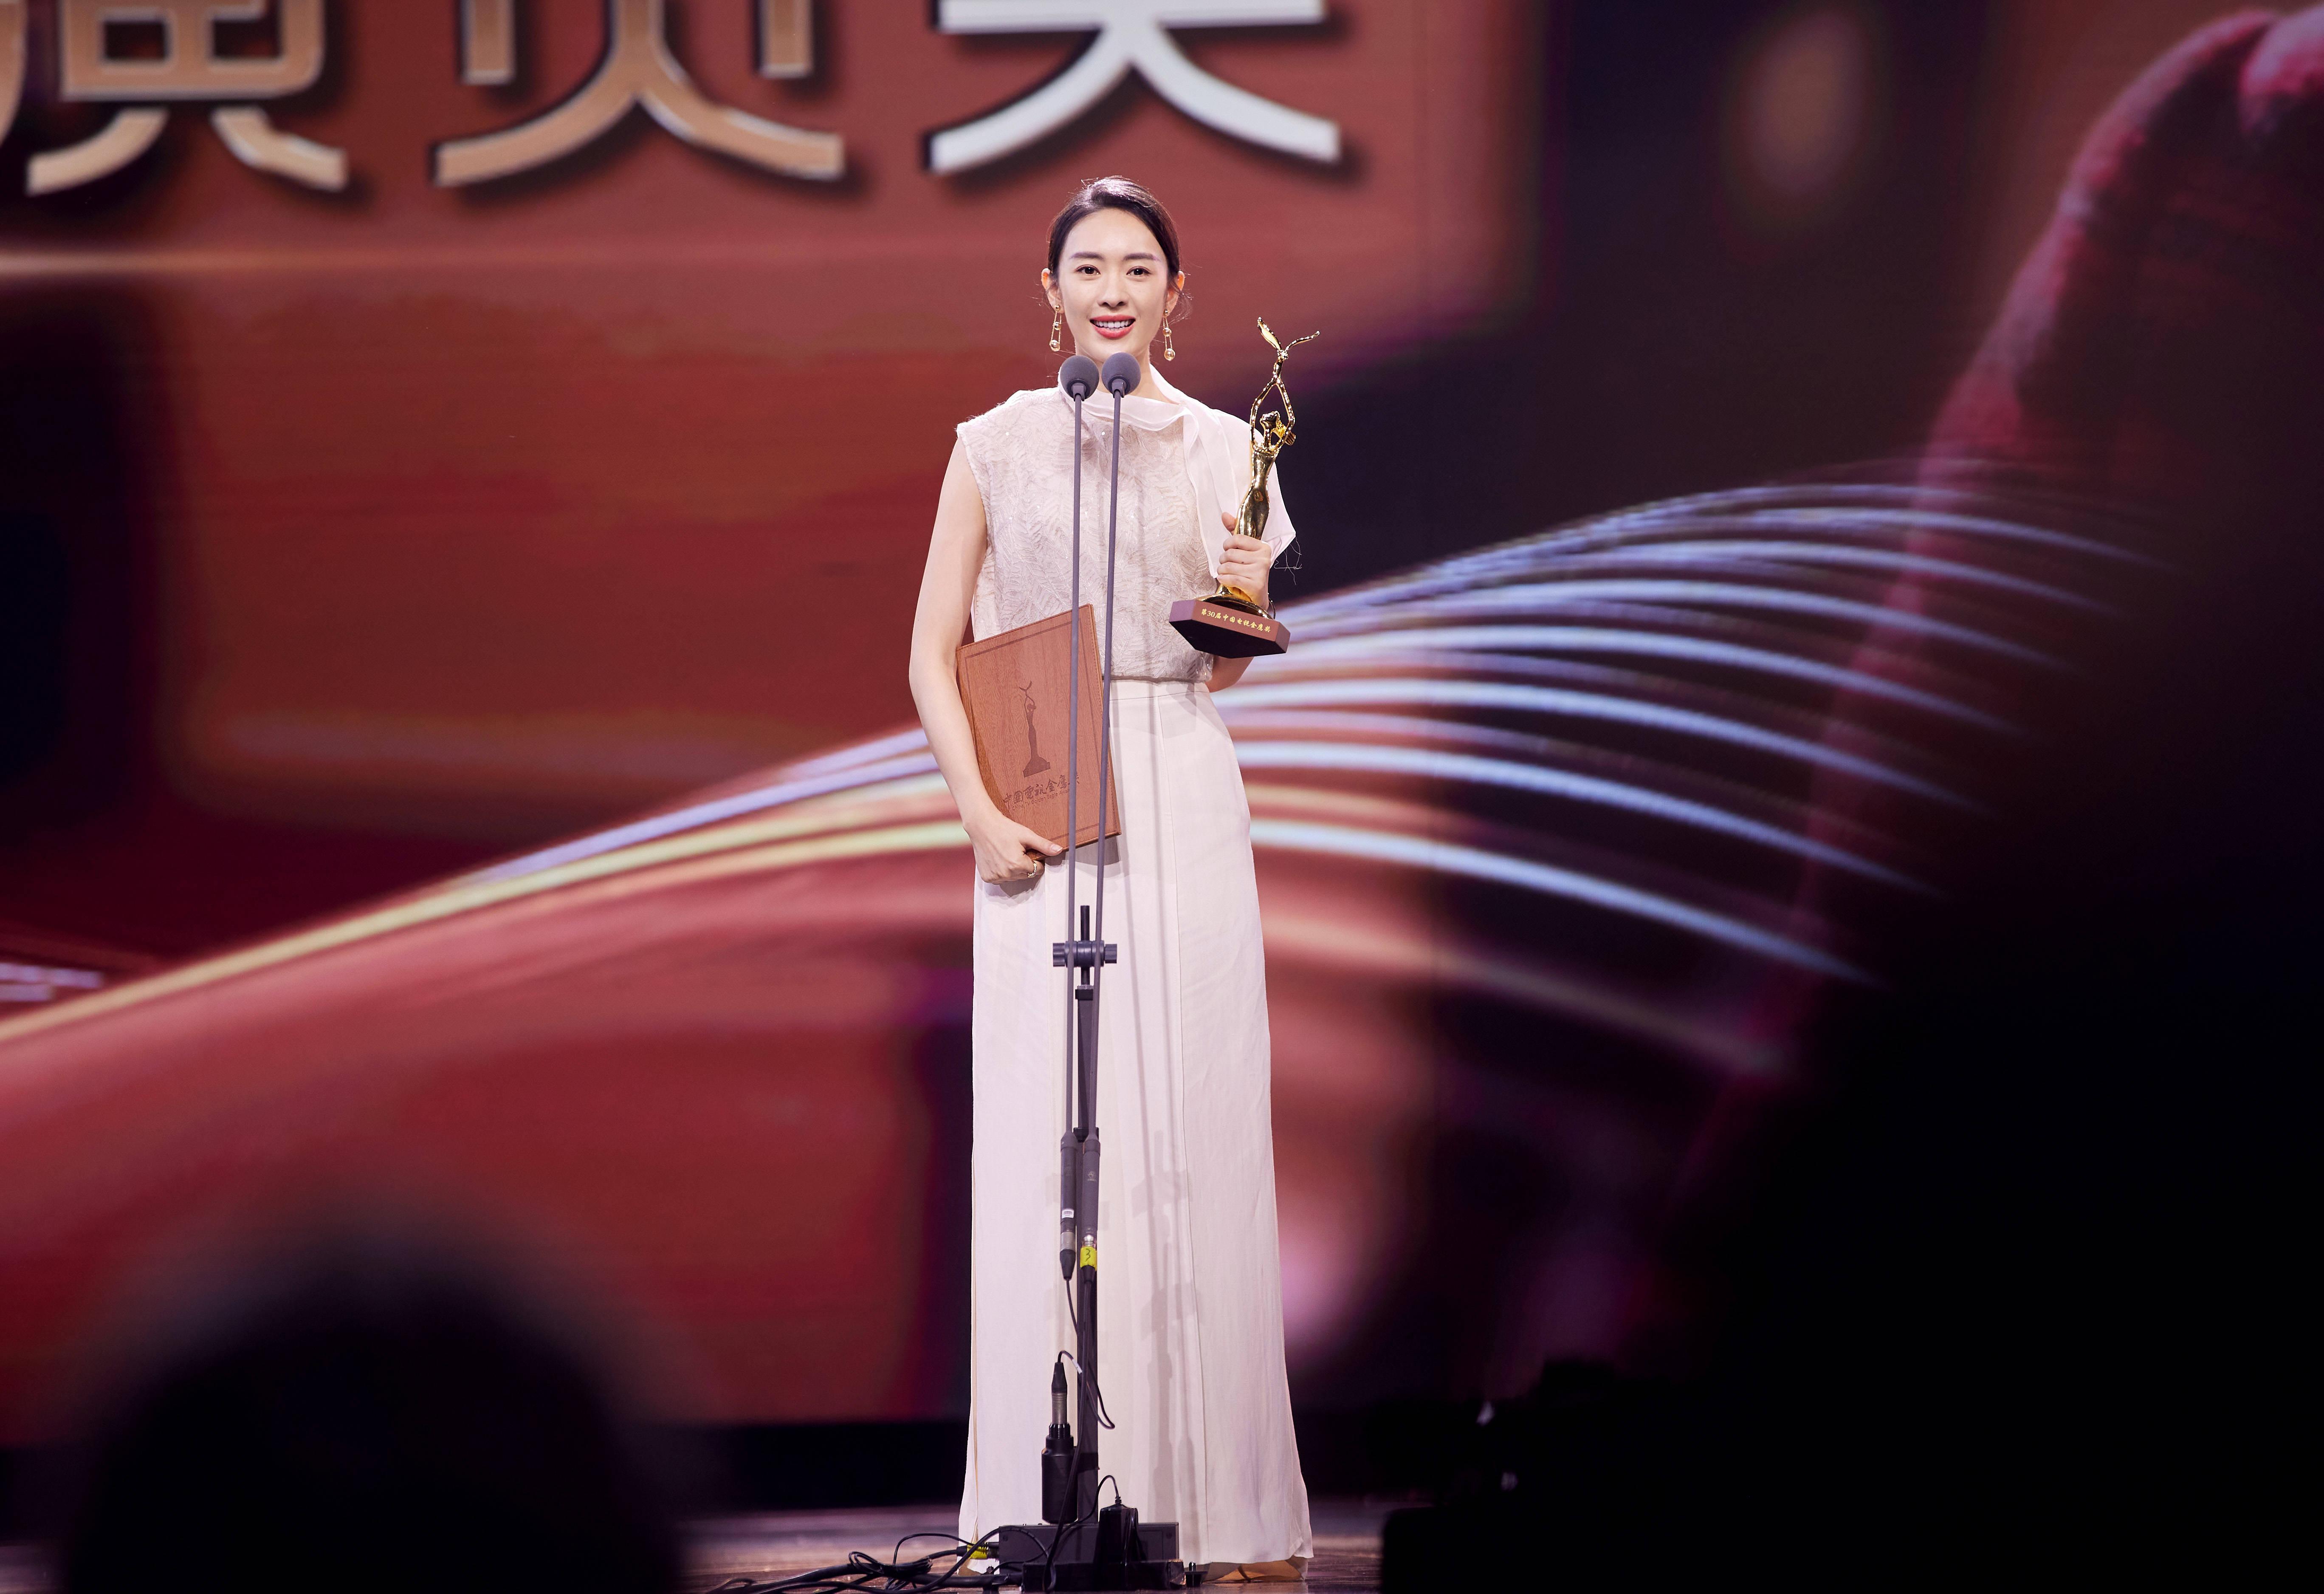 第30届中国电视金鹰奖 :任达华童瑶拿下视帝视后